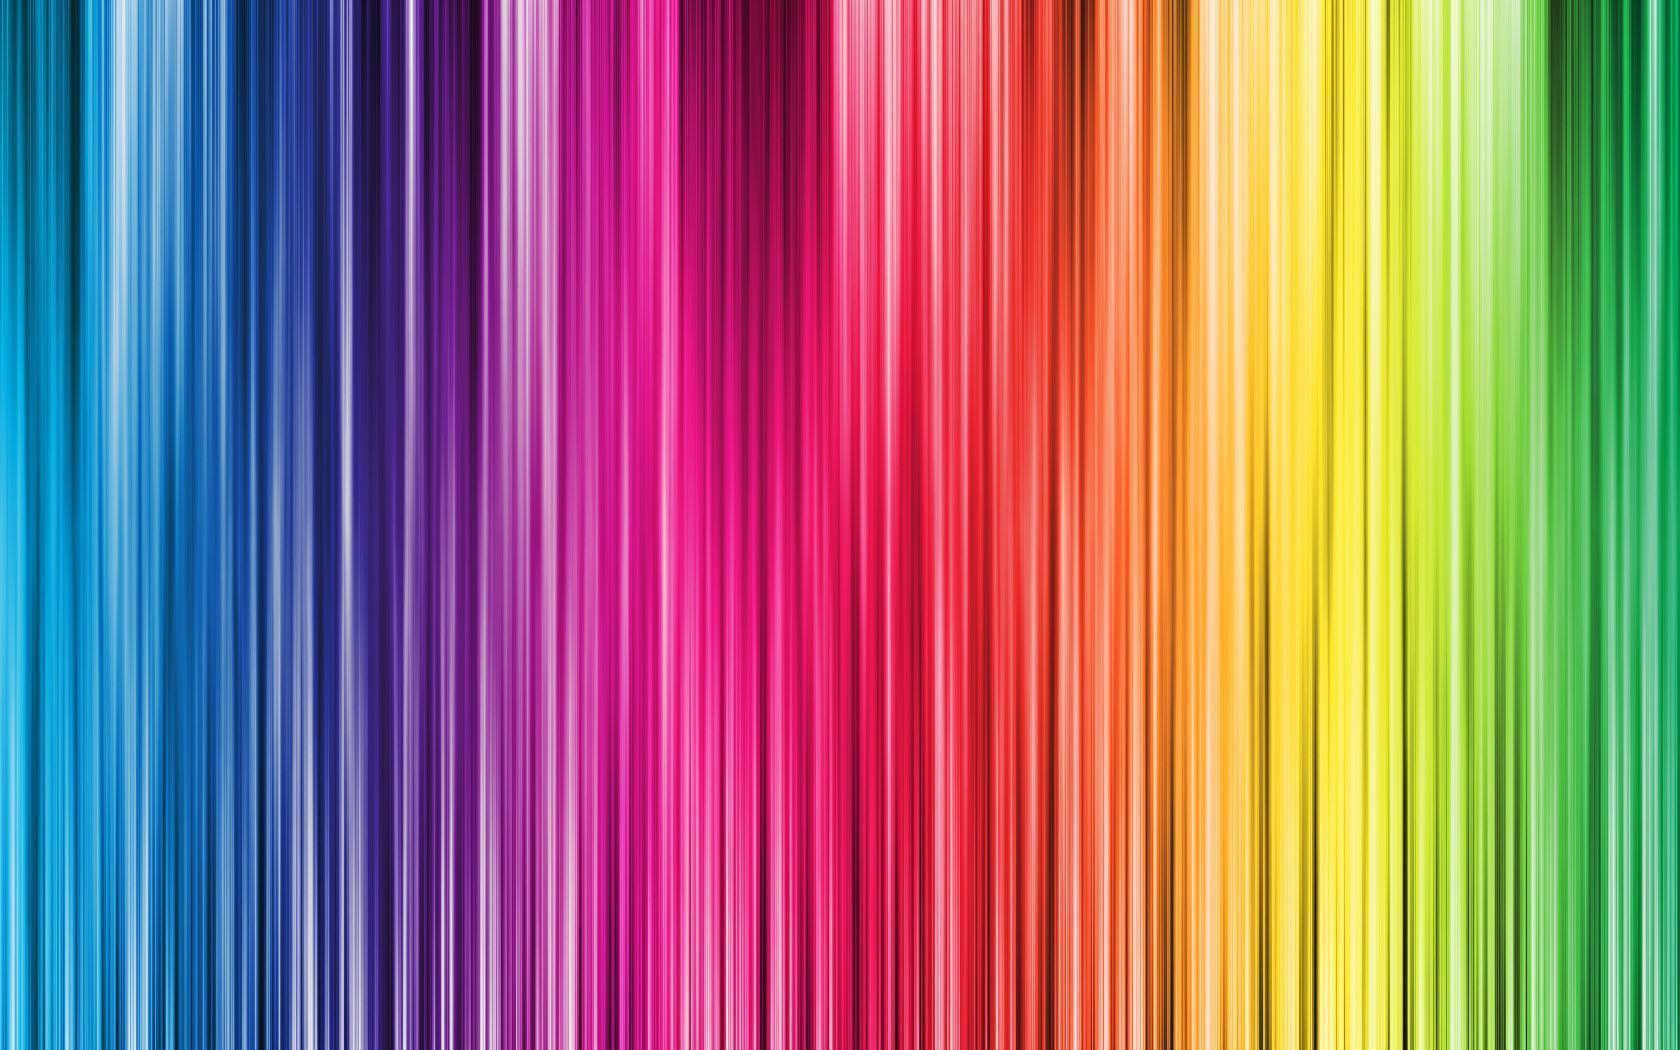 Multi Color Wallpaper - WallpaperSafari